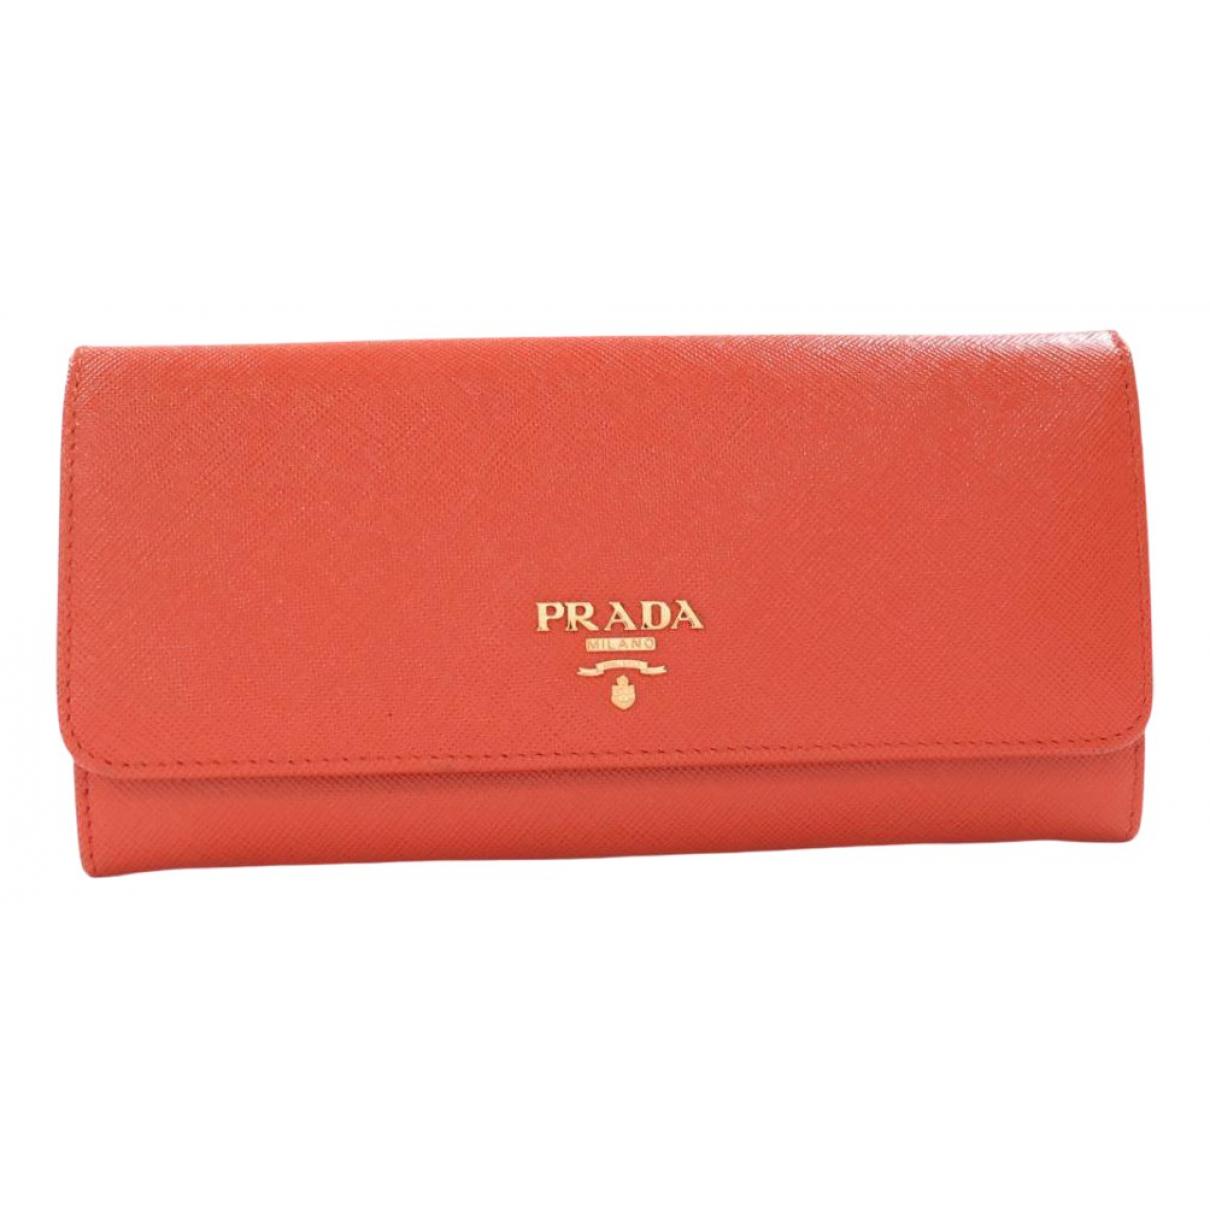 Prada - Portefeuille   pour femme en cuir - orange